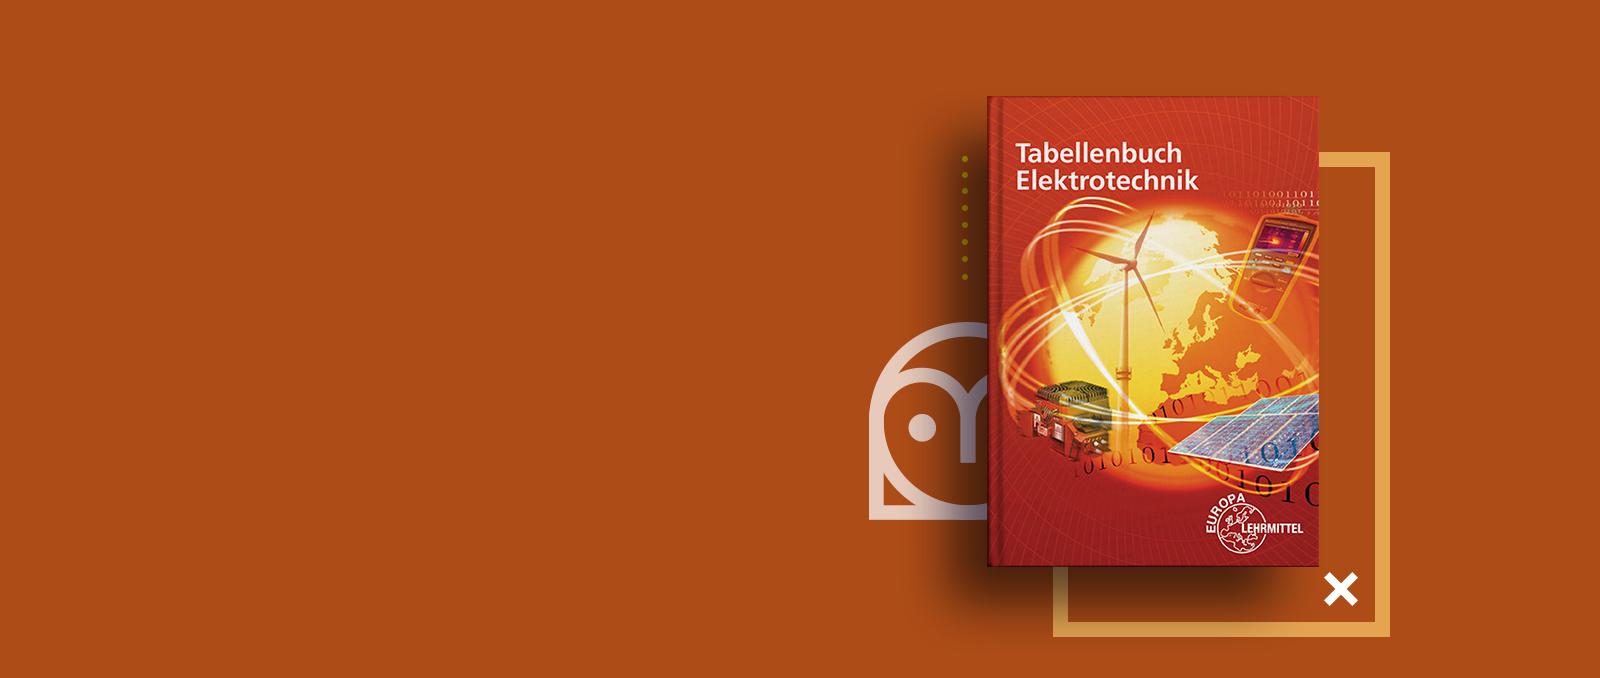 fs-fachbuch-slider-4